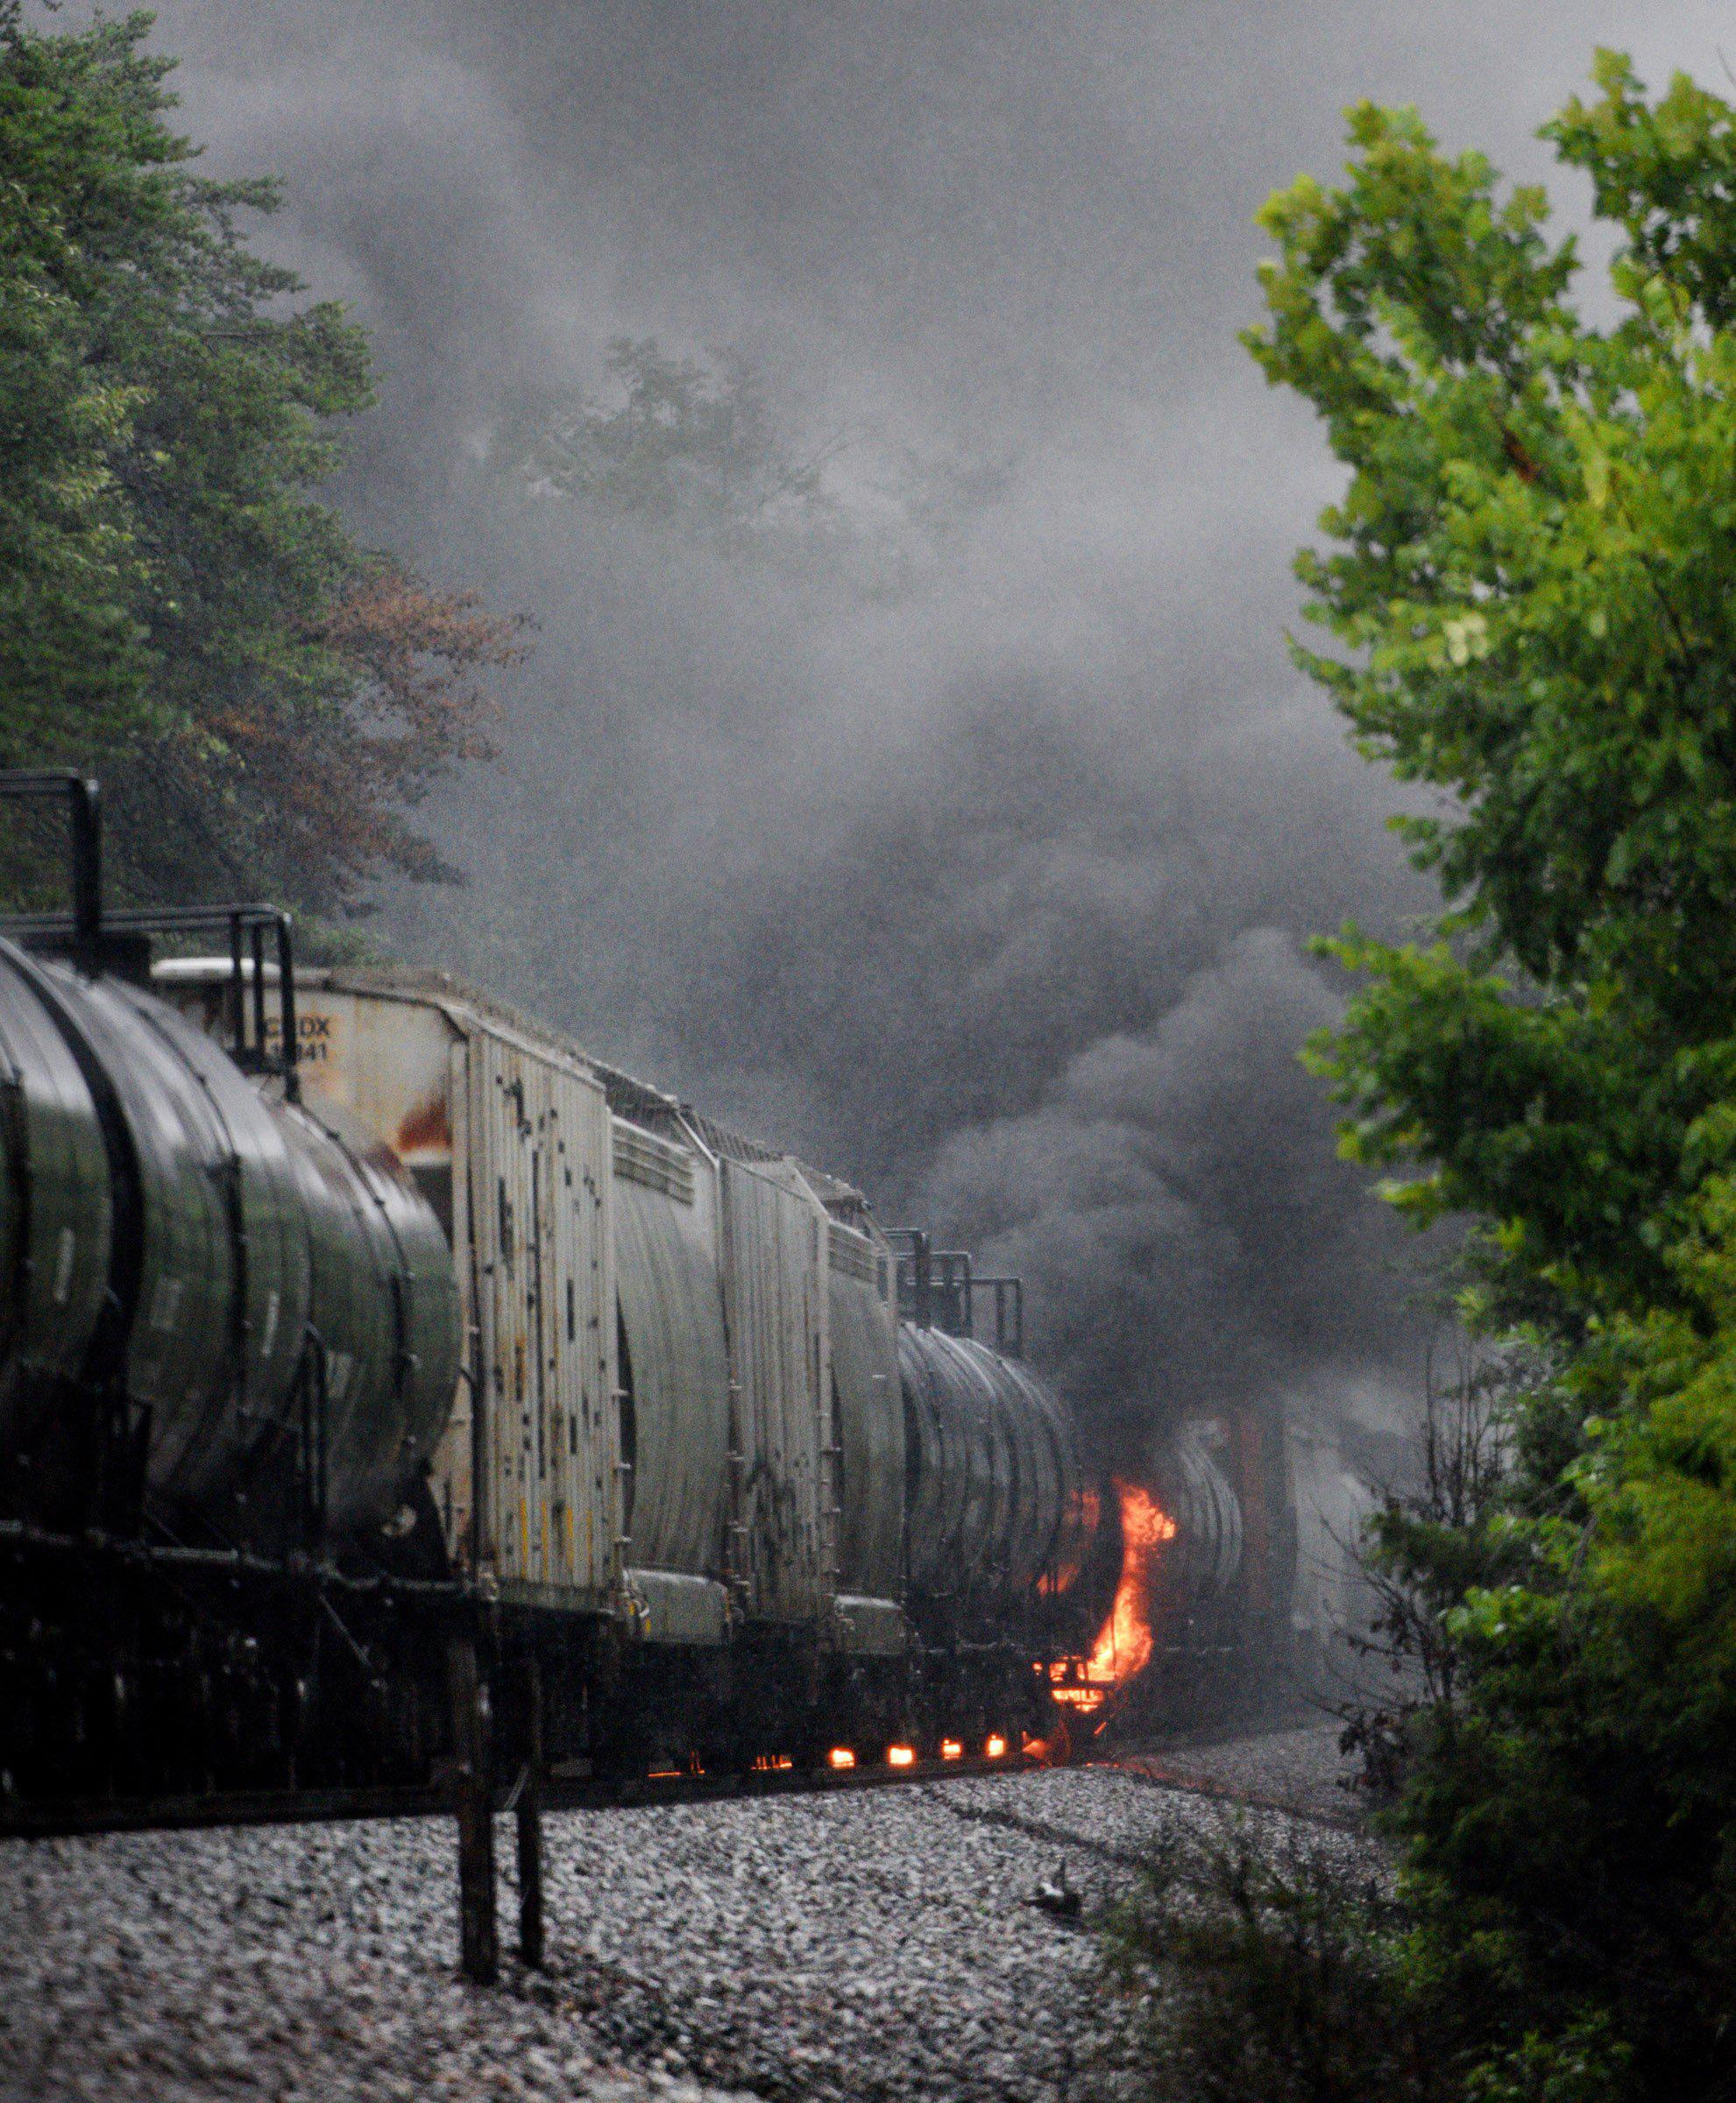 Thousands Can Return Home After Fiery Train Derailment